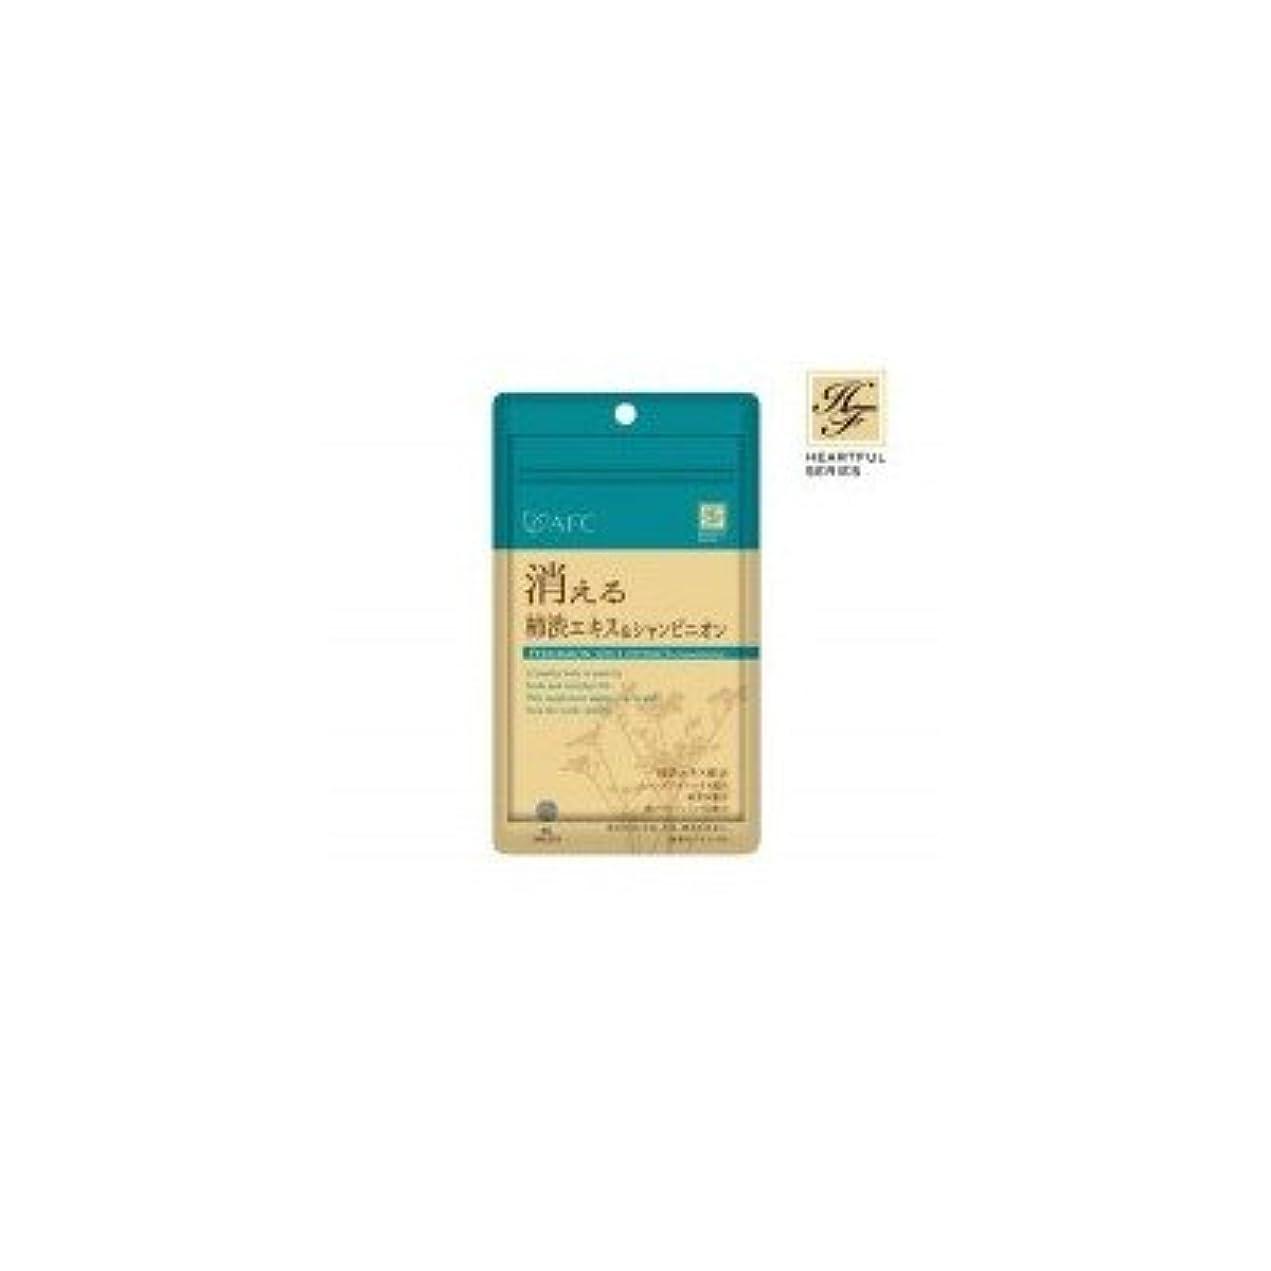 煙模索抽象化AFC(エーエフシー) ハートフルシリーズサプリ 消える柿渋エキス&シャンピニオン HFS06×6袋 こころが溢れる健康習慣